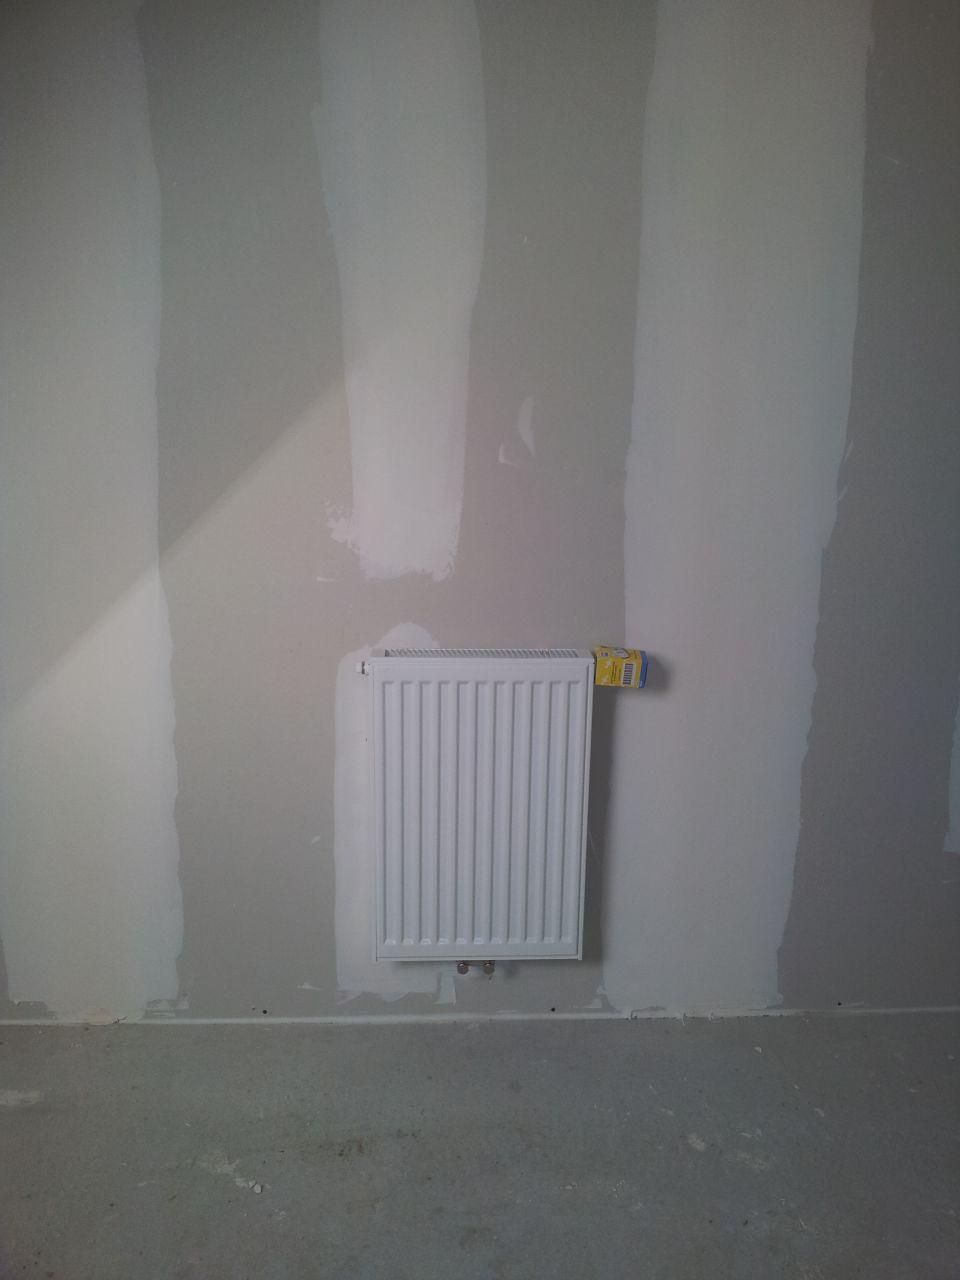 Photo radiateur de la chambre 2 chauffage climatisation yvelines 78 - Radiateur pour chambre ...